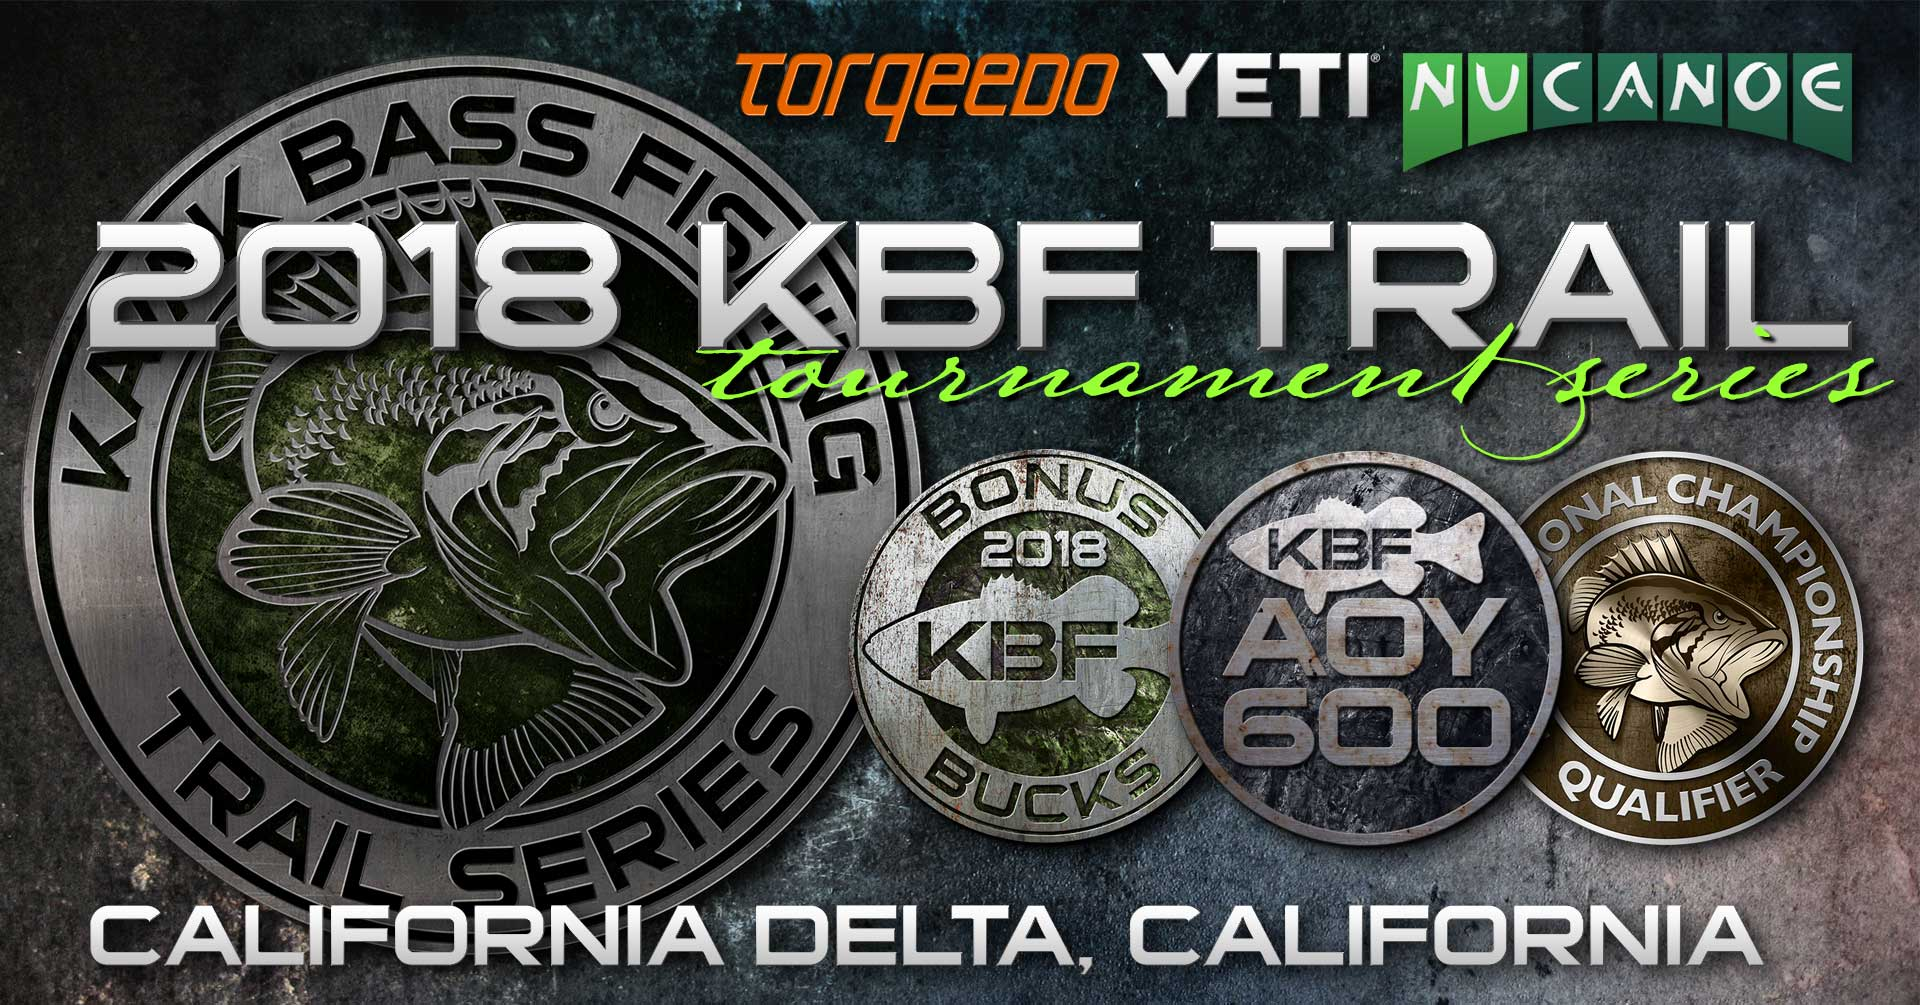 KBF TRAIL Series Tournament Calif Delta